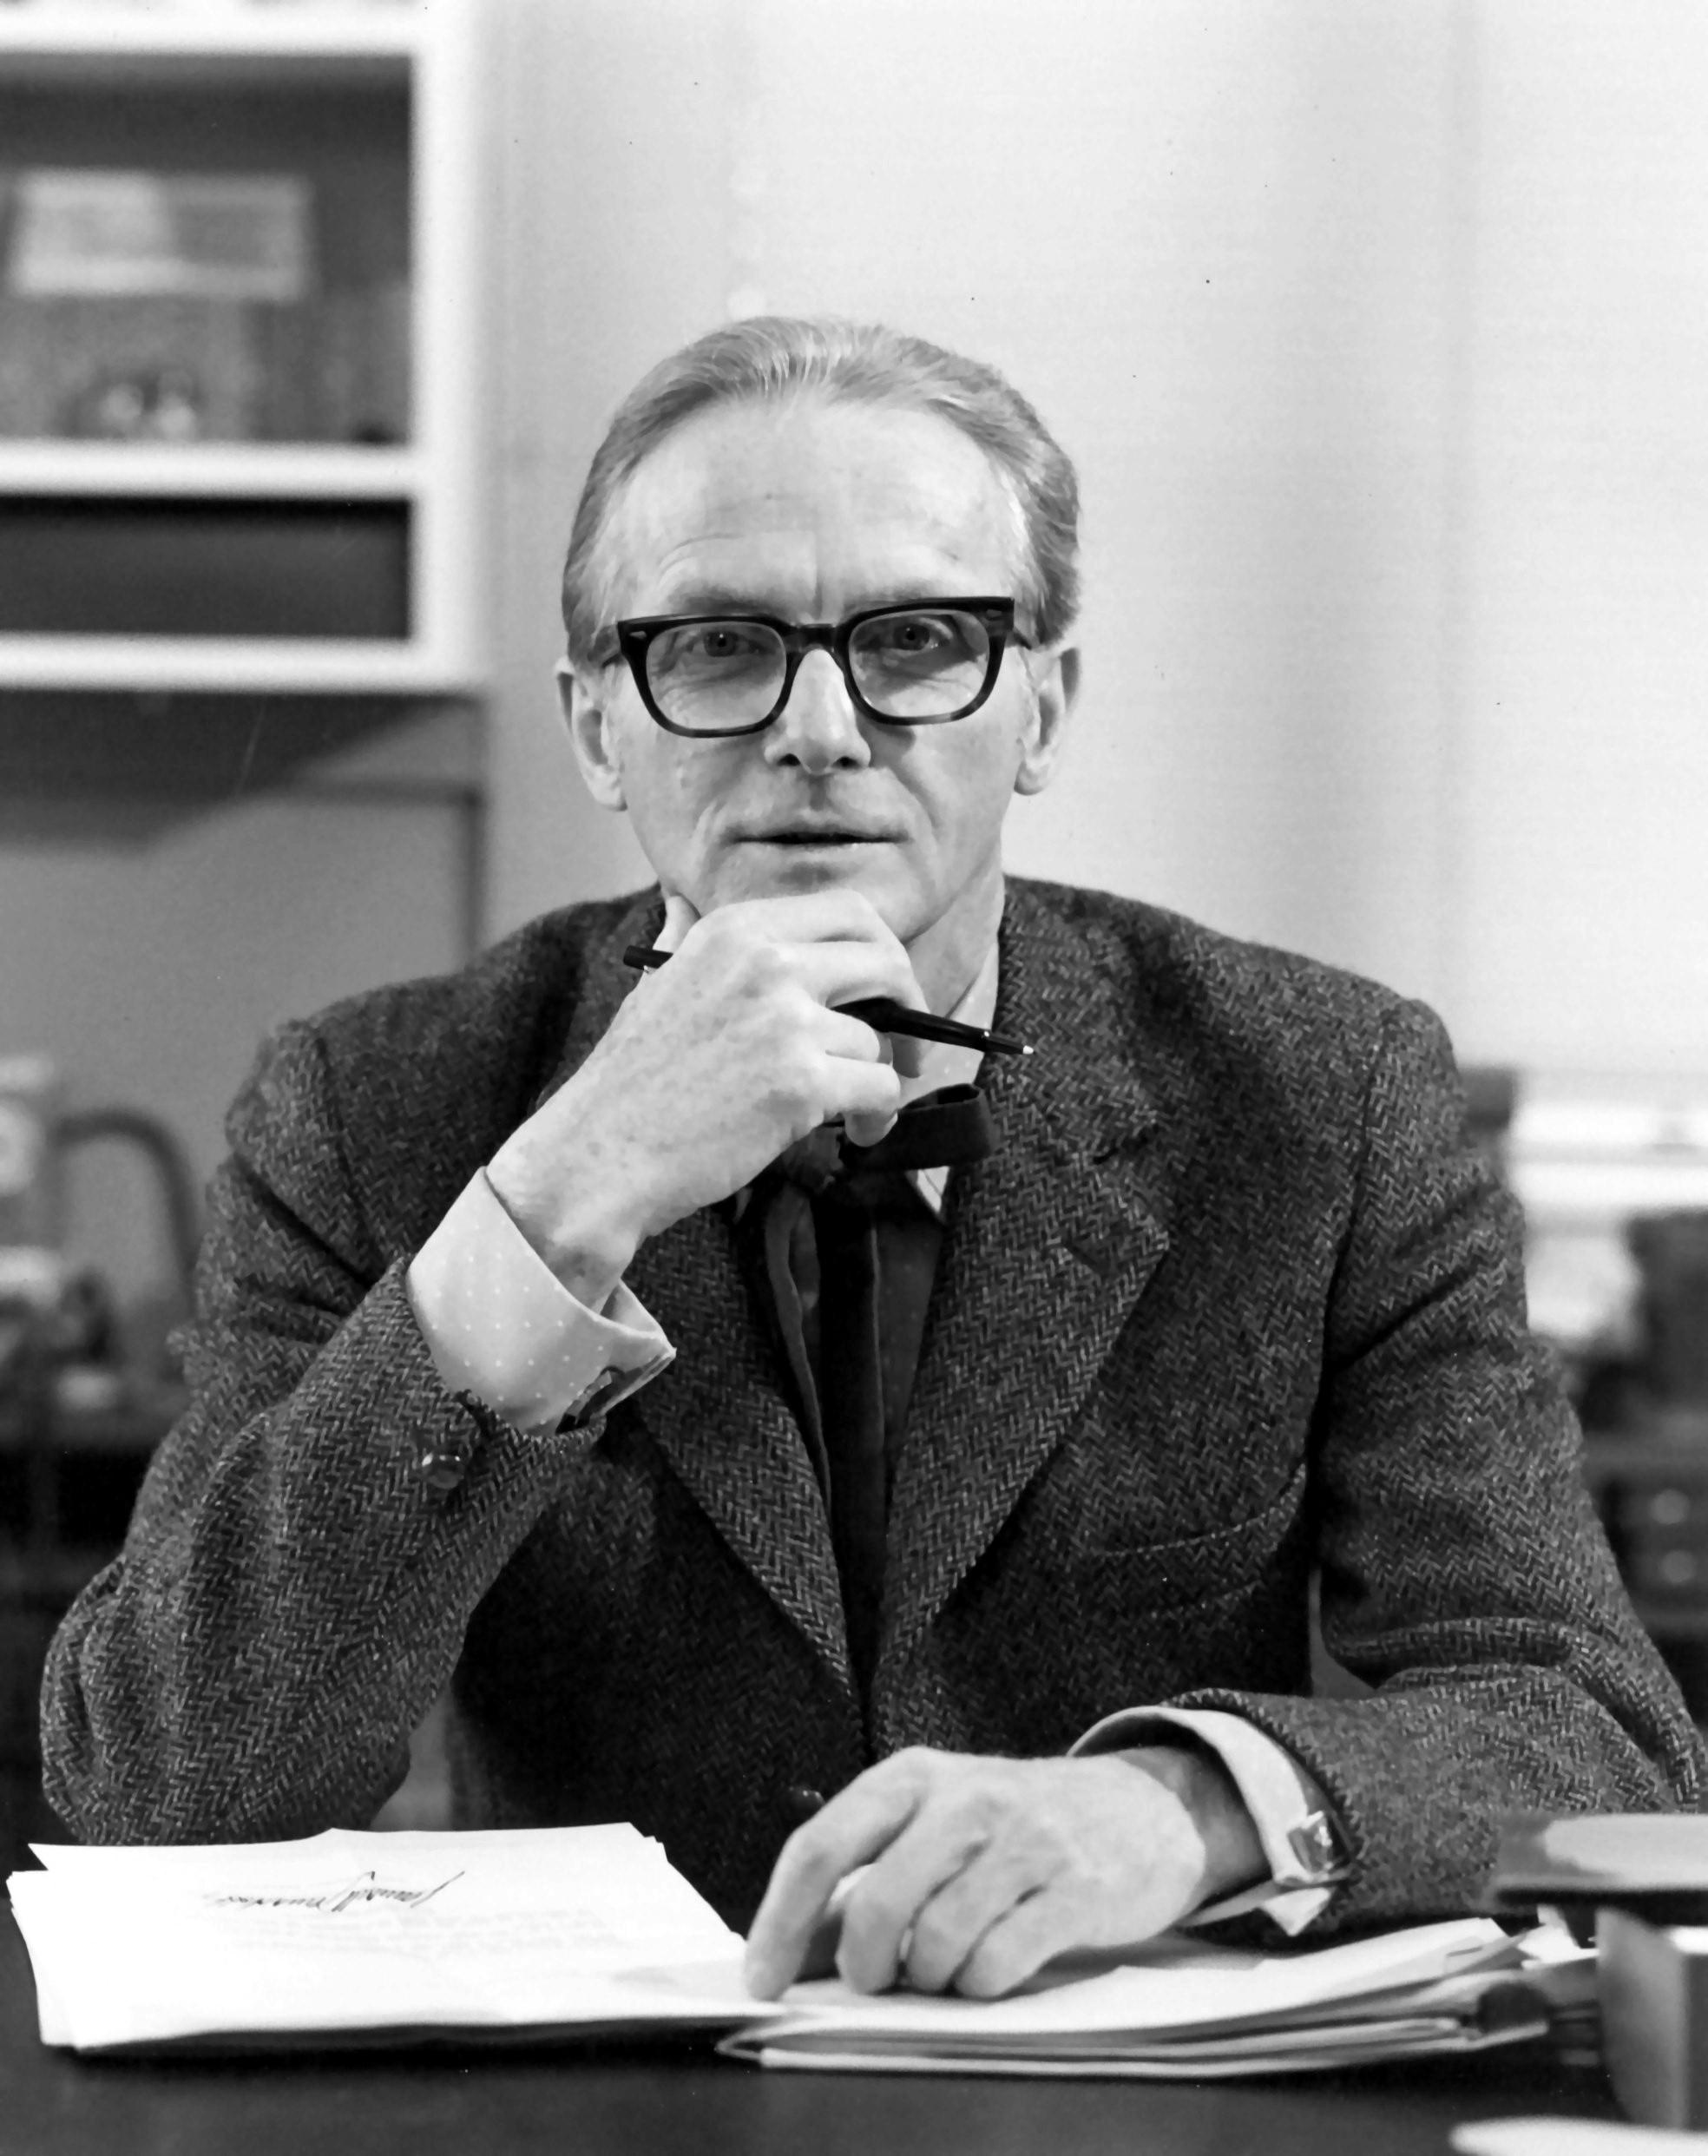 image of William Lipscomb